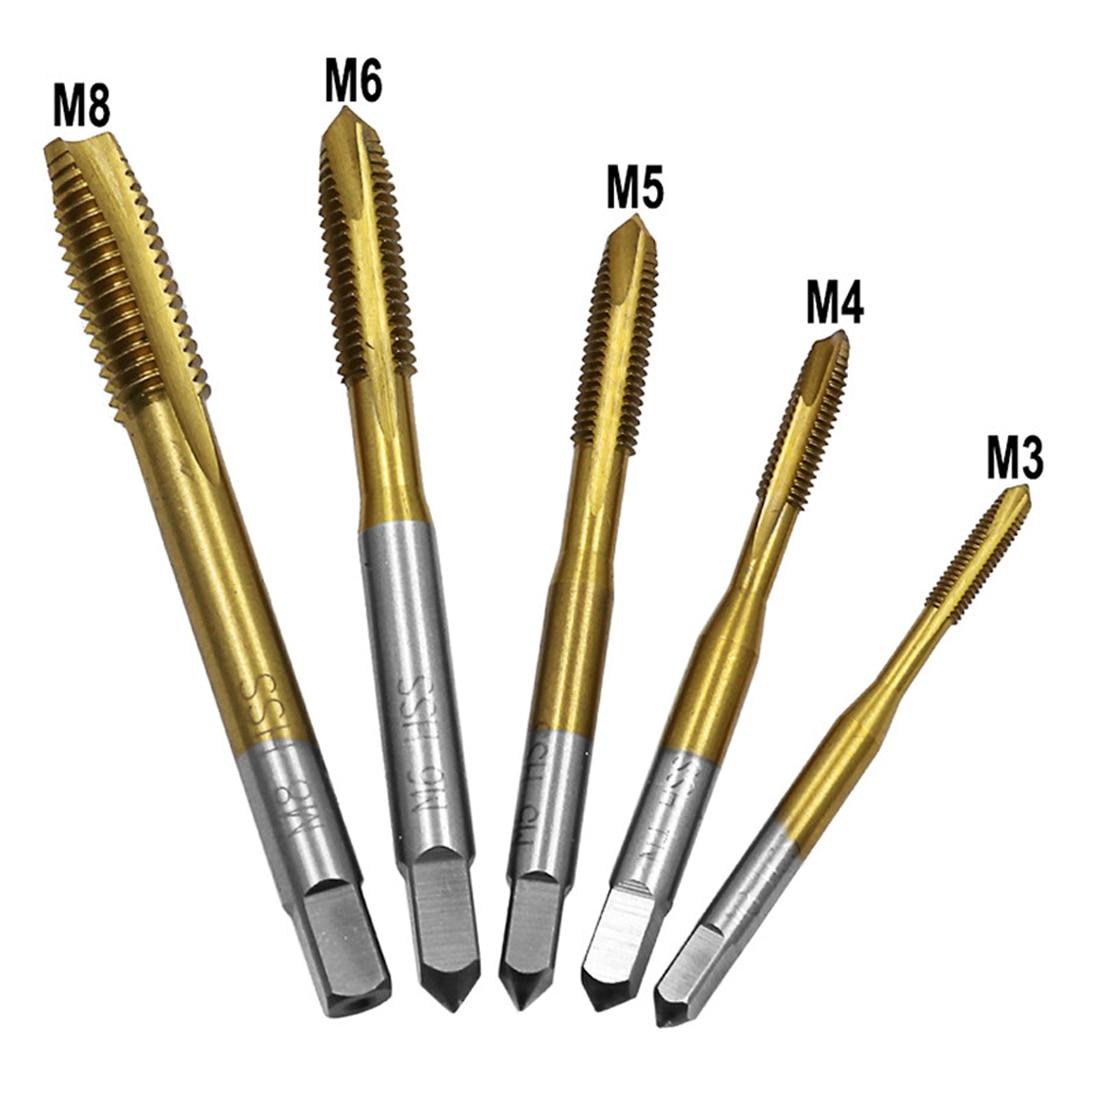 1pcs/5pcs HSS M3 M4 M5 M6 M8 Machine Straight Fluted Screw Thread Metric Plug Hand Tap Drill Set Hand Tools